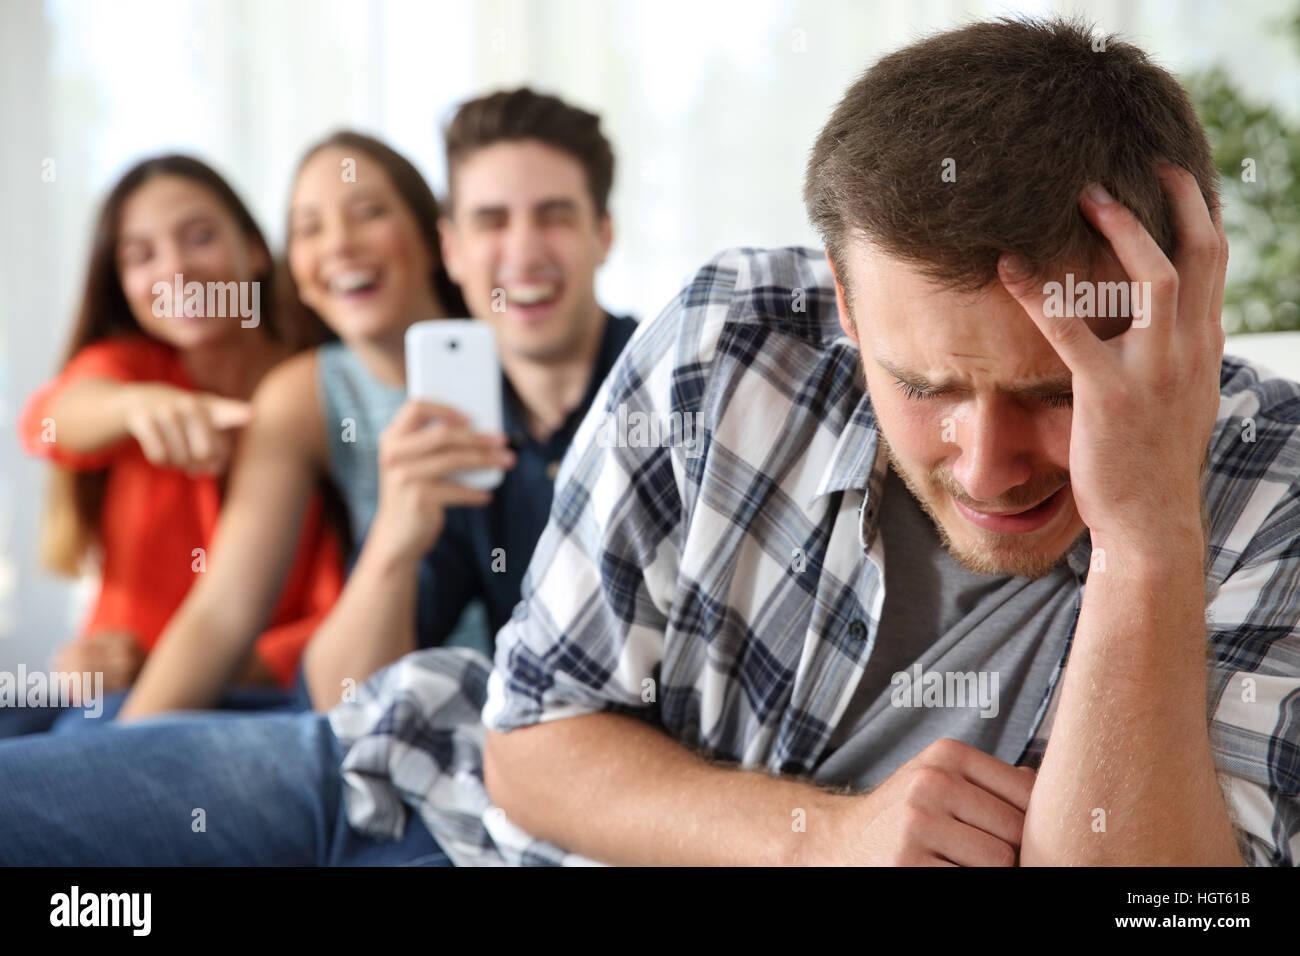 Amici bullismo di un ragazzo triste e scattare foto con lo smartphone per la rete sociale Immagini Stock